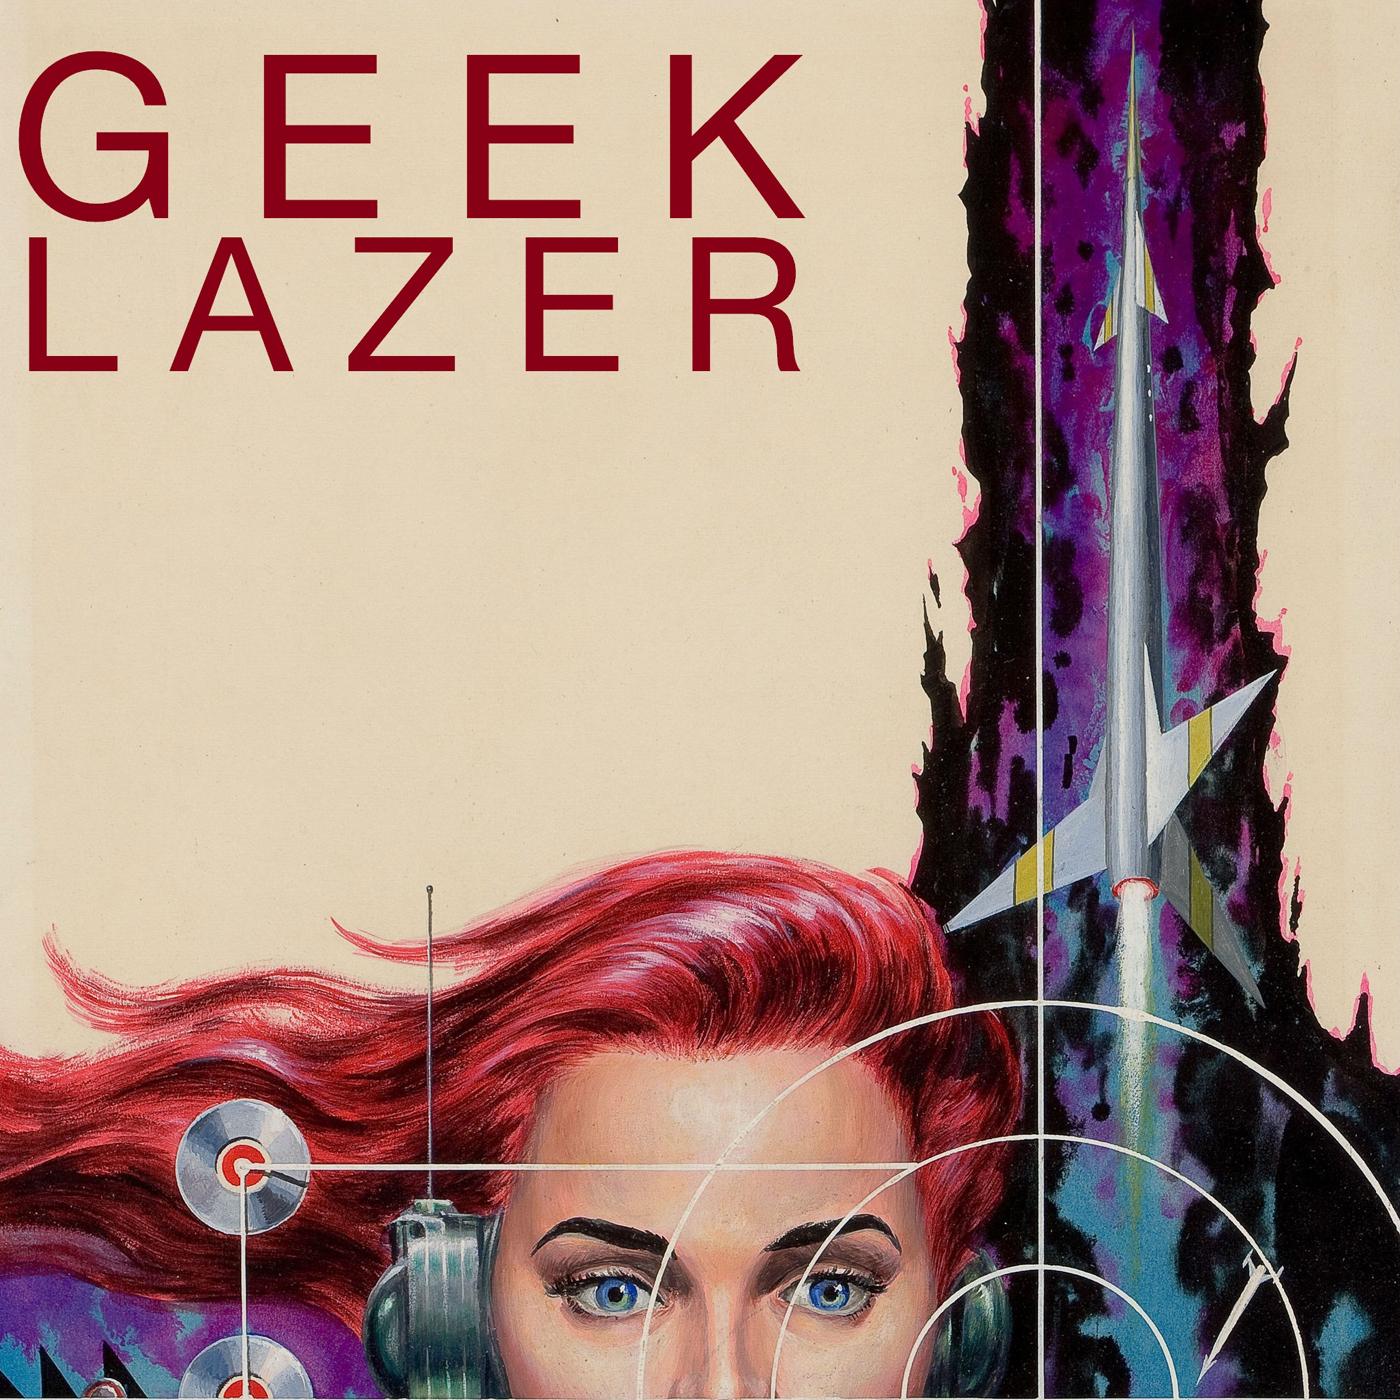 Geek Lazer